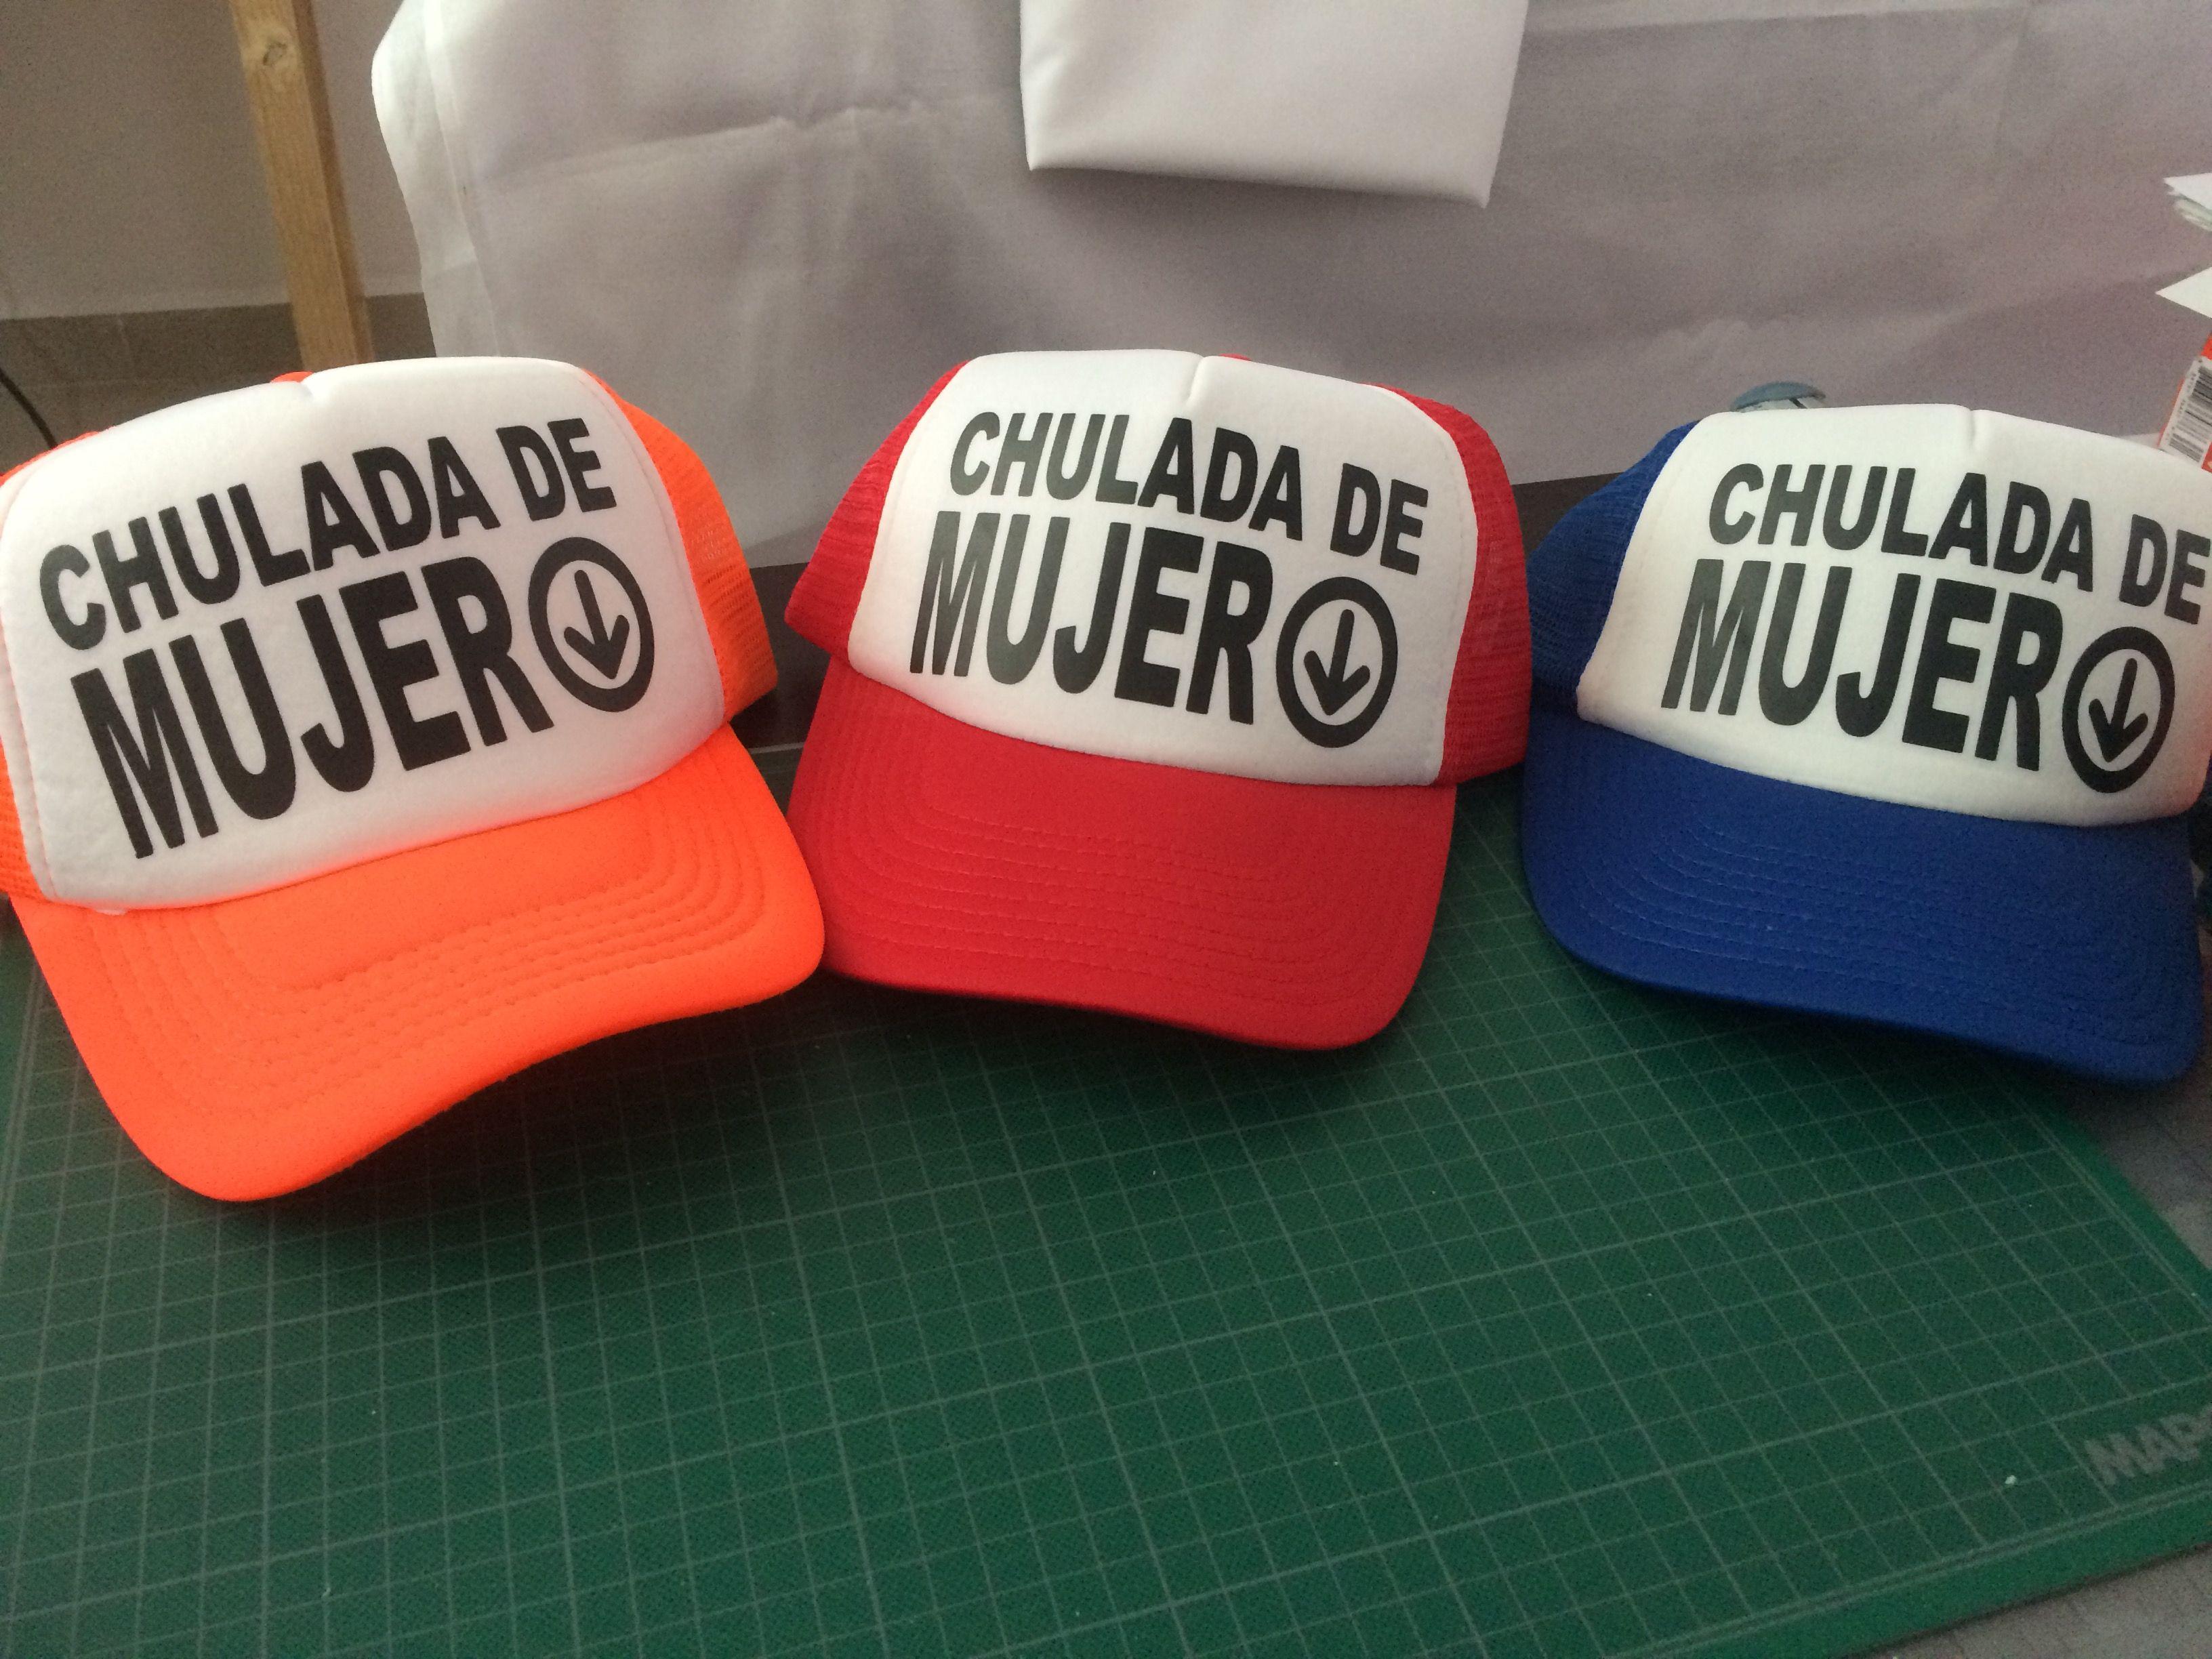 Gorras personalizadas by Eatbrains! Campeche Gorras Con Frases e80ca5afd18